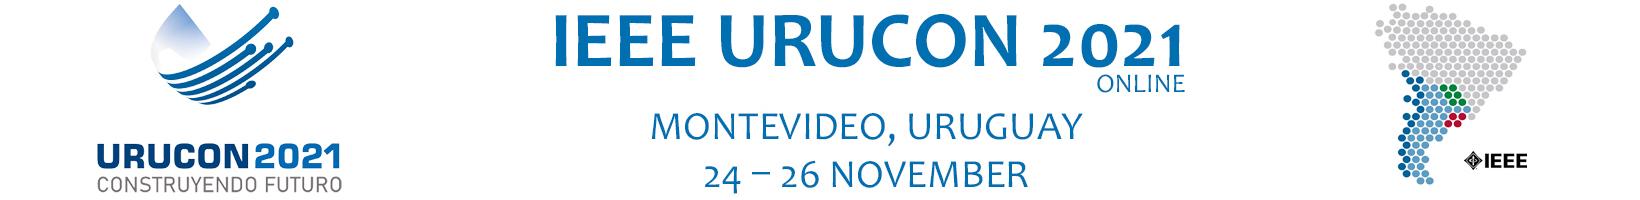 URUCON 2021 - Banner